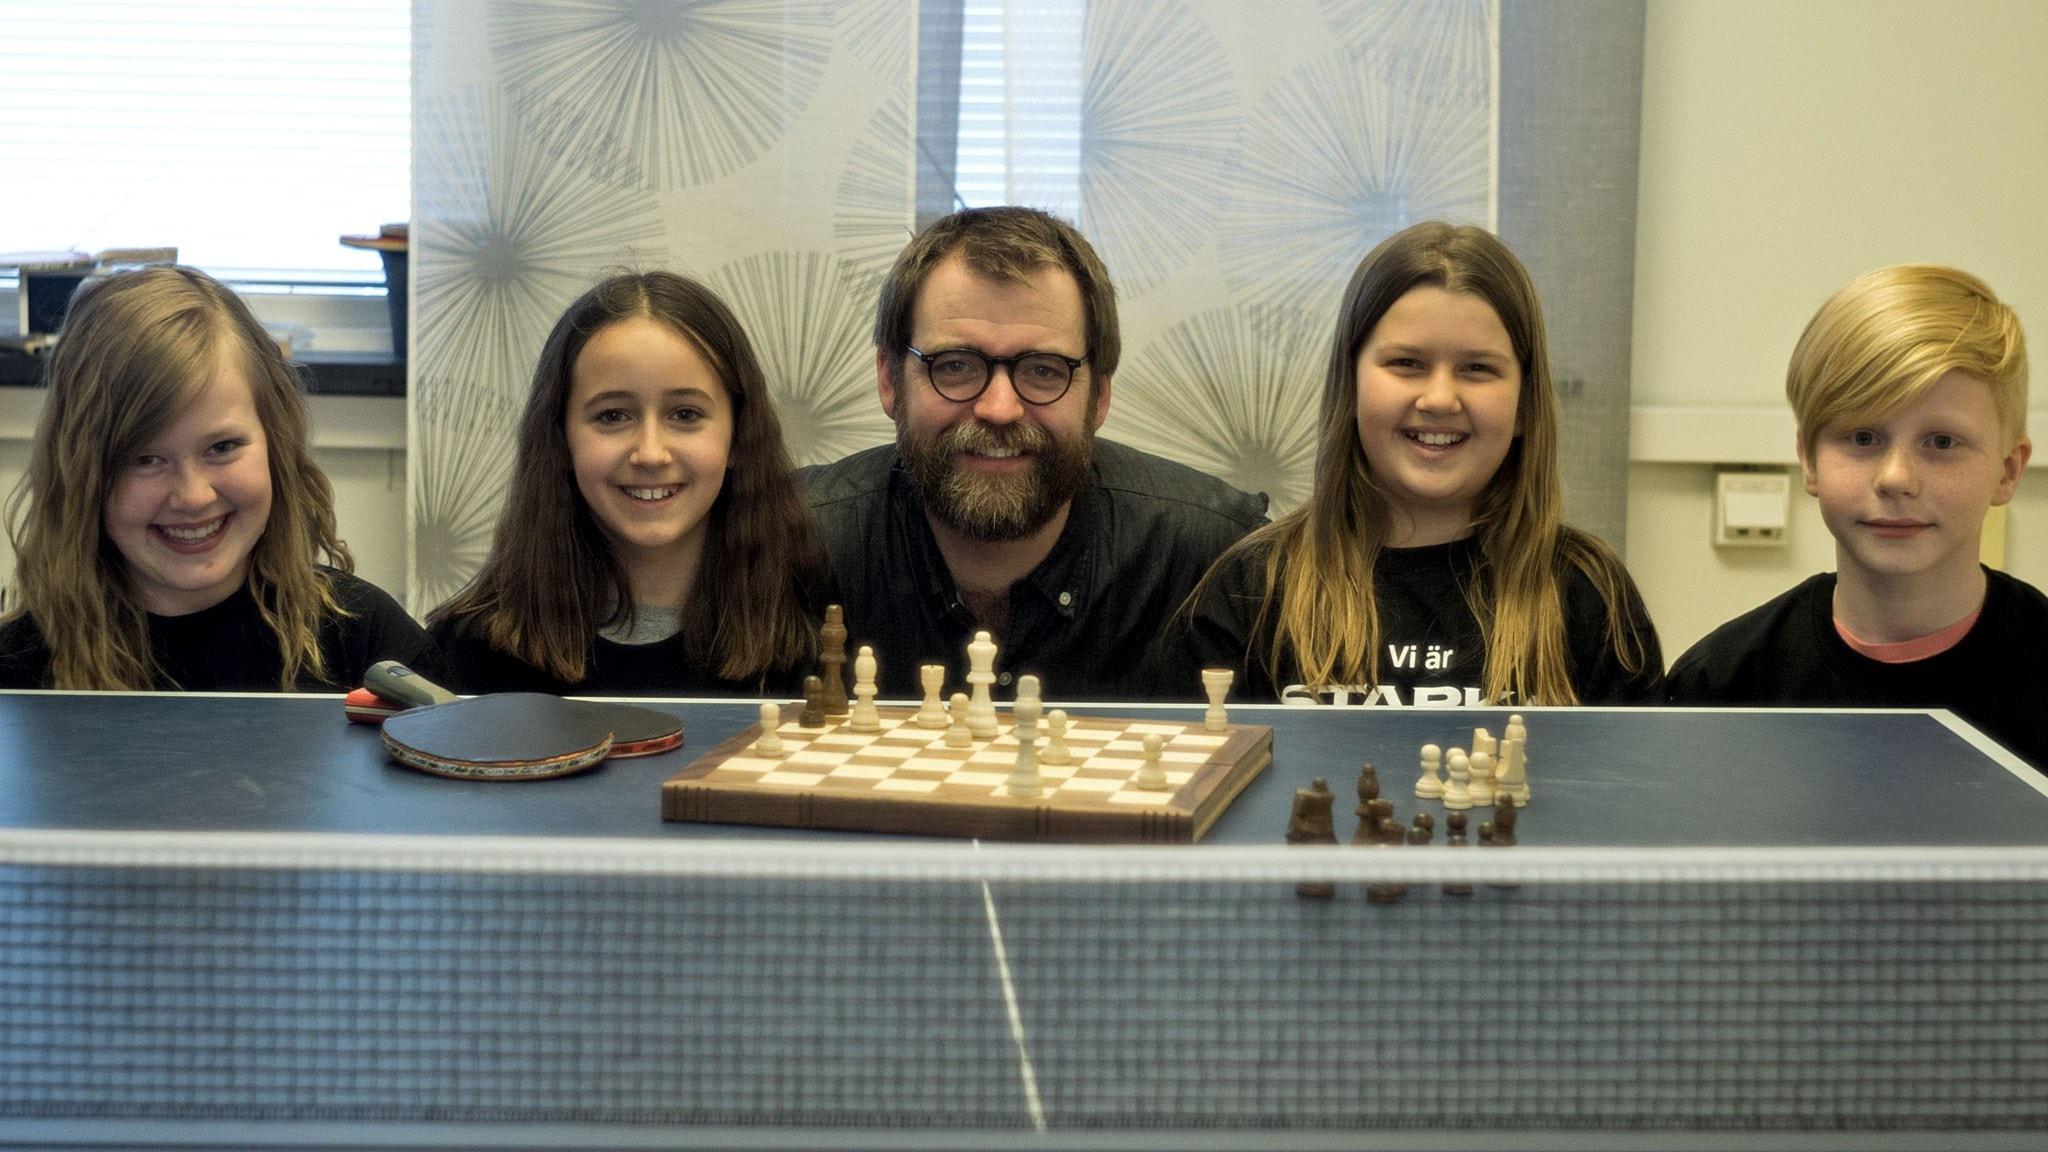 schack matt kristianstad